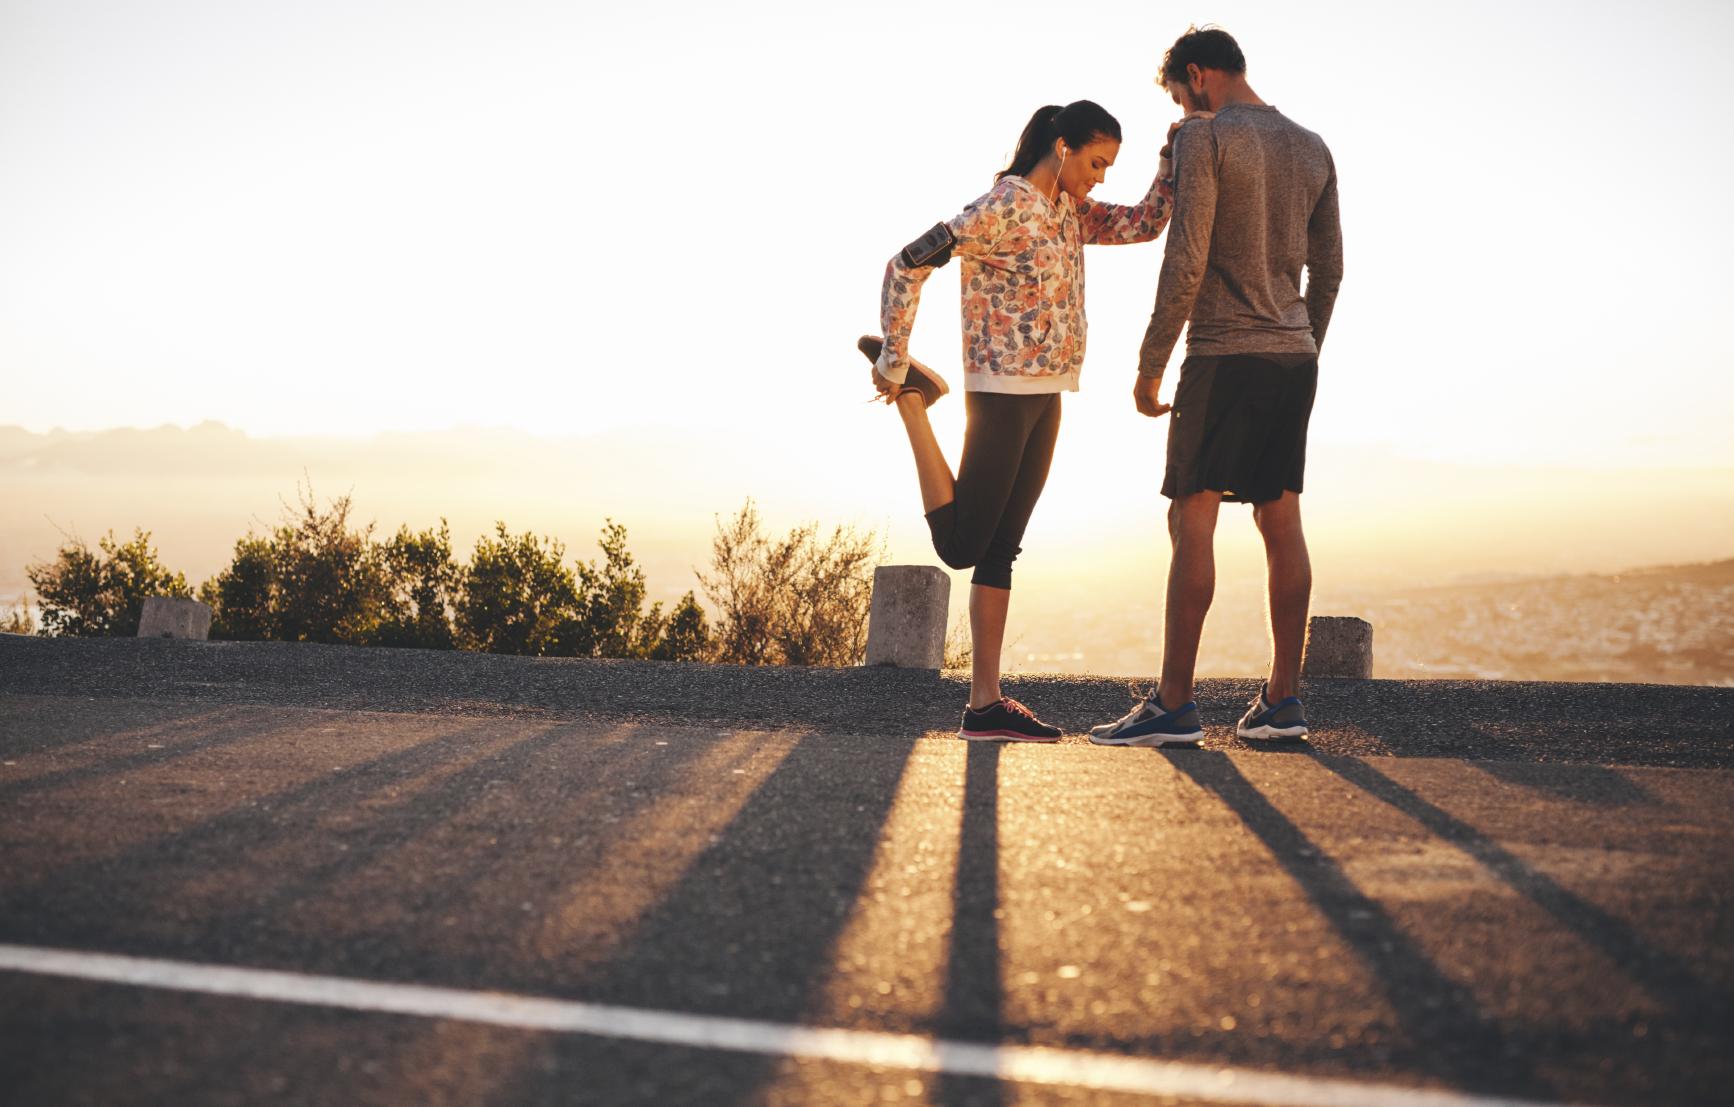 El ejercicio físico ayuda a reducir el estrés